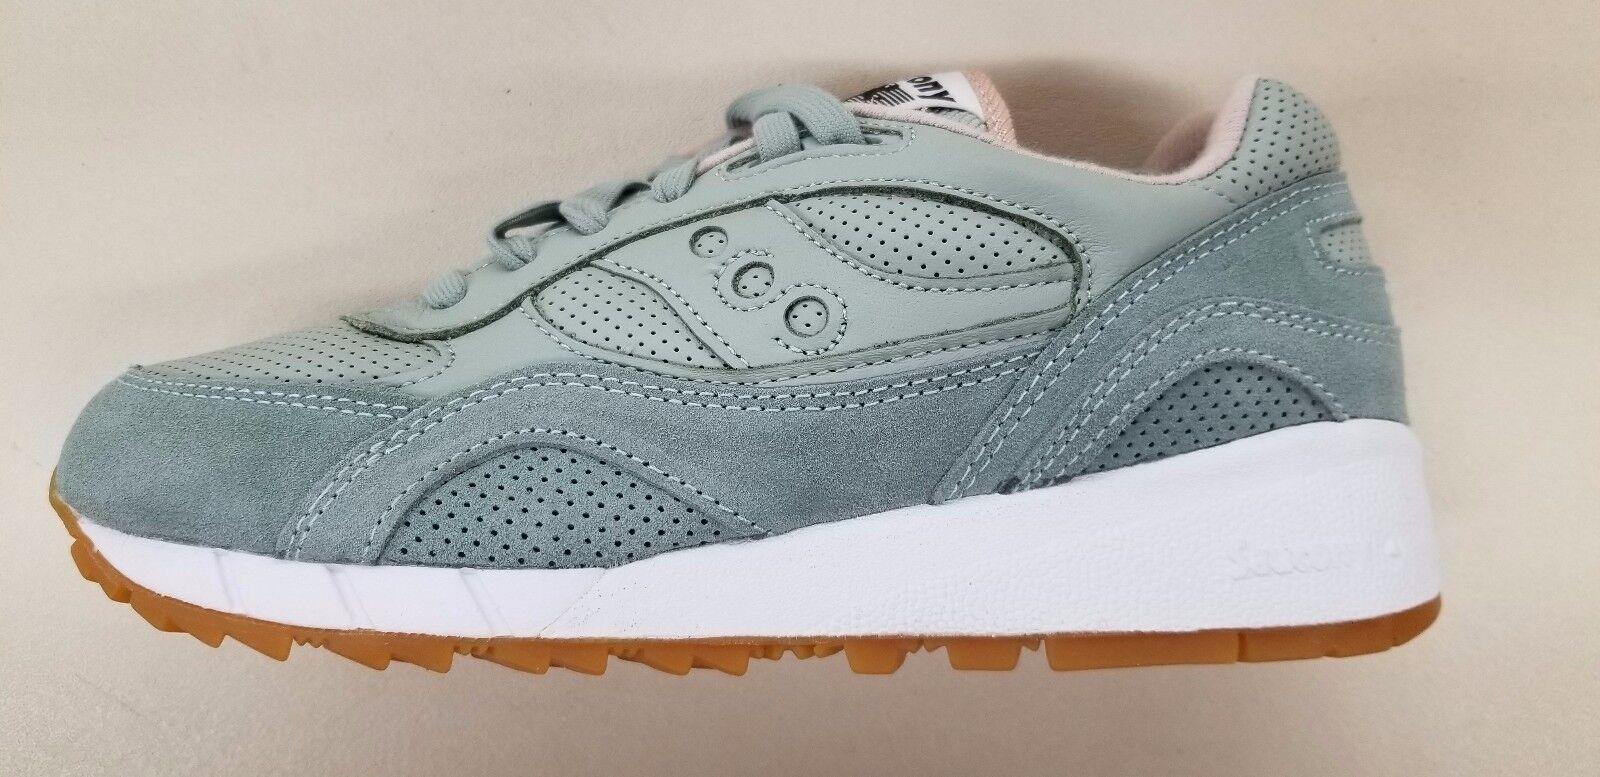 SAUCONY SHADOW 6000 HT Aqua Suela Goma verde gris para Hombre Tenis de correr S70349-3